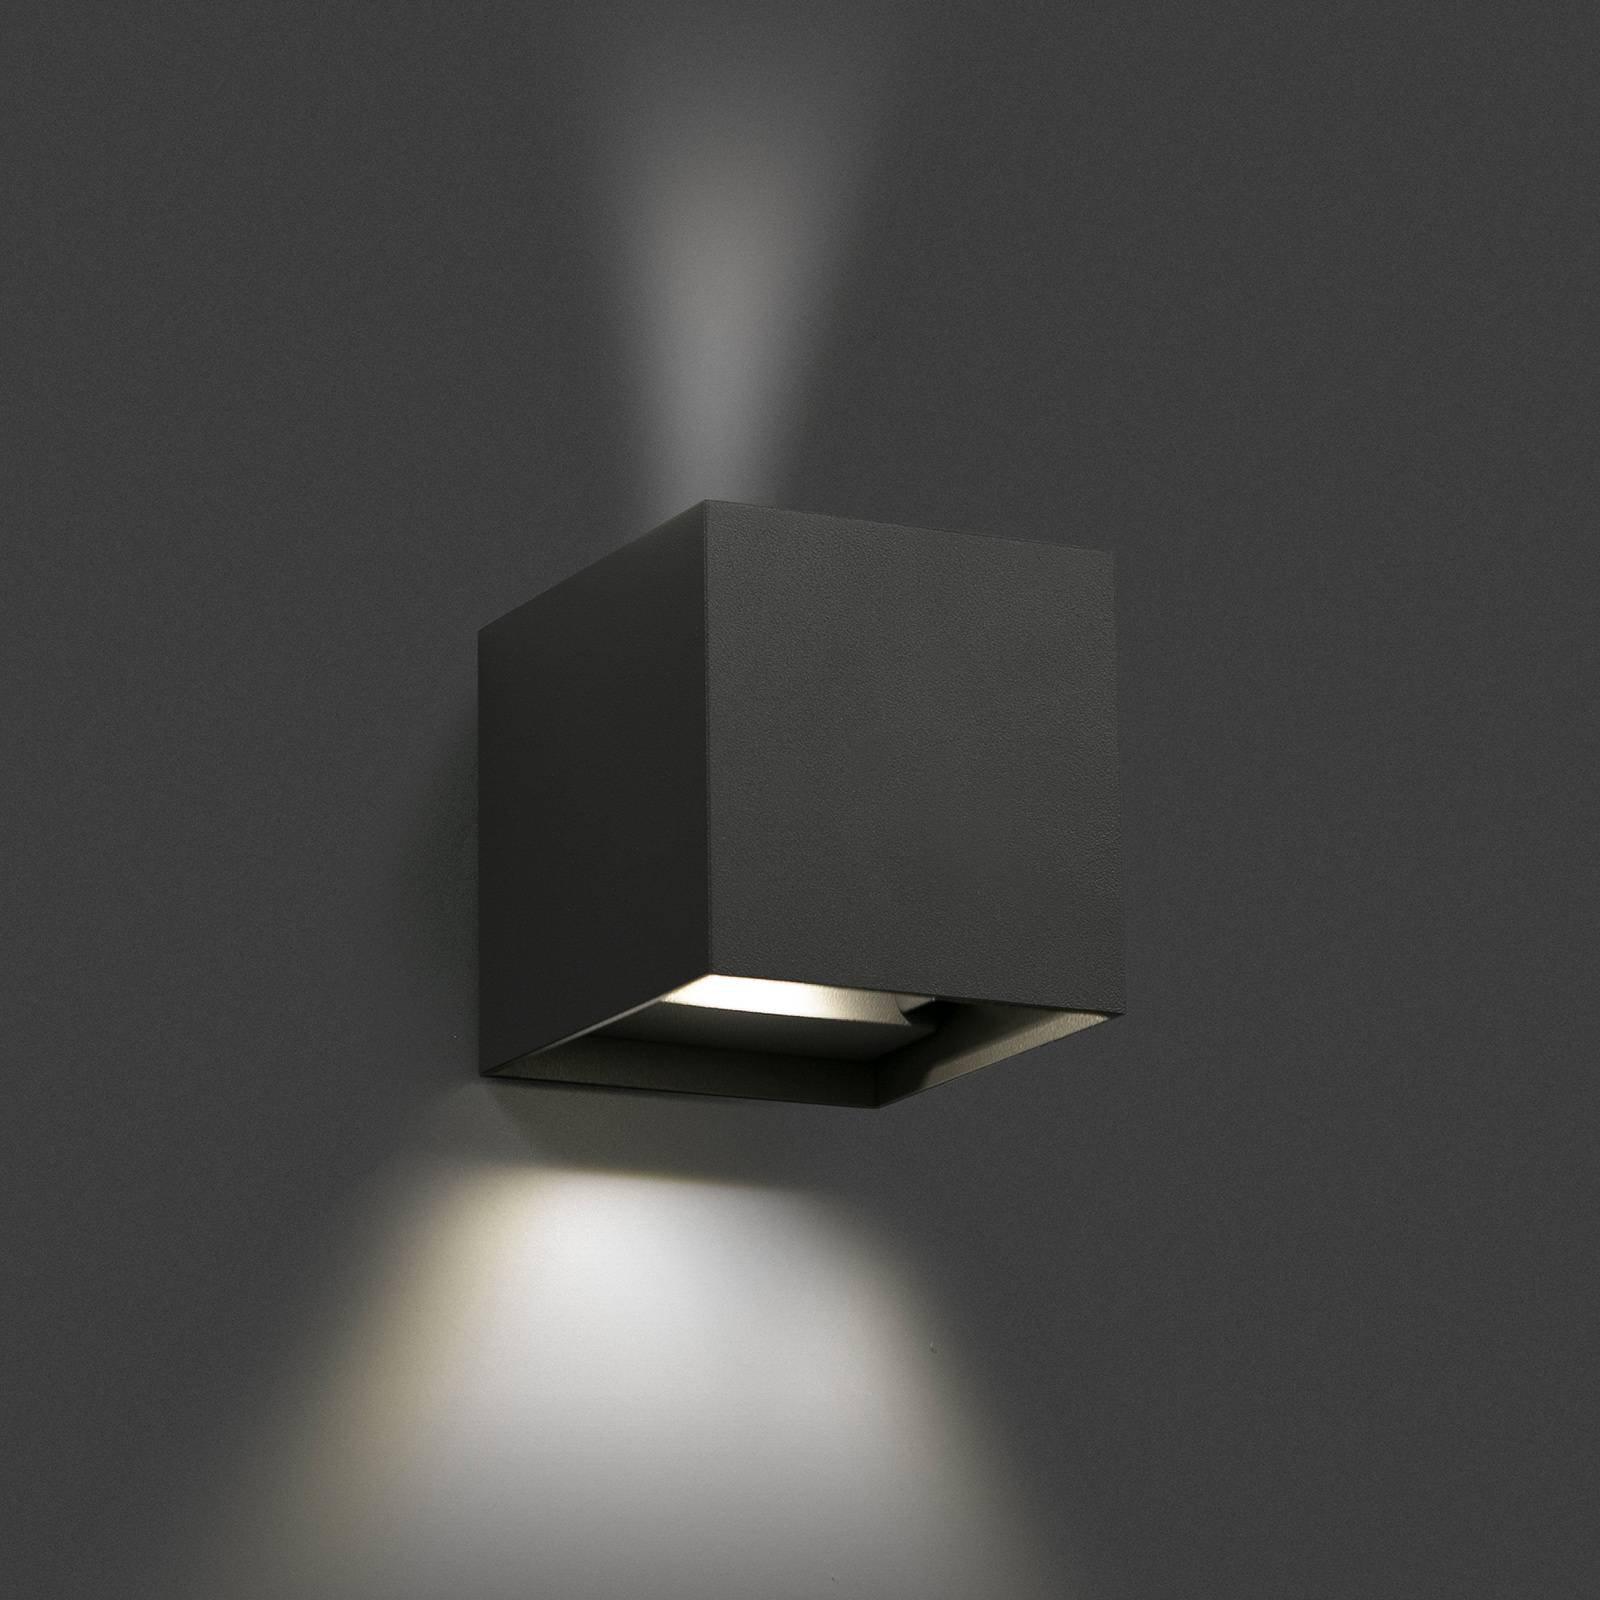 Utendørs LED-vegglampe Olan, mørkegrå